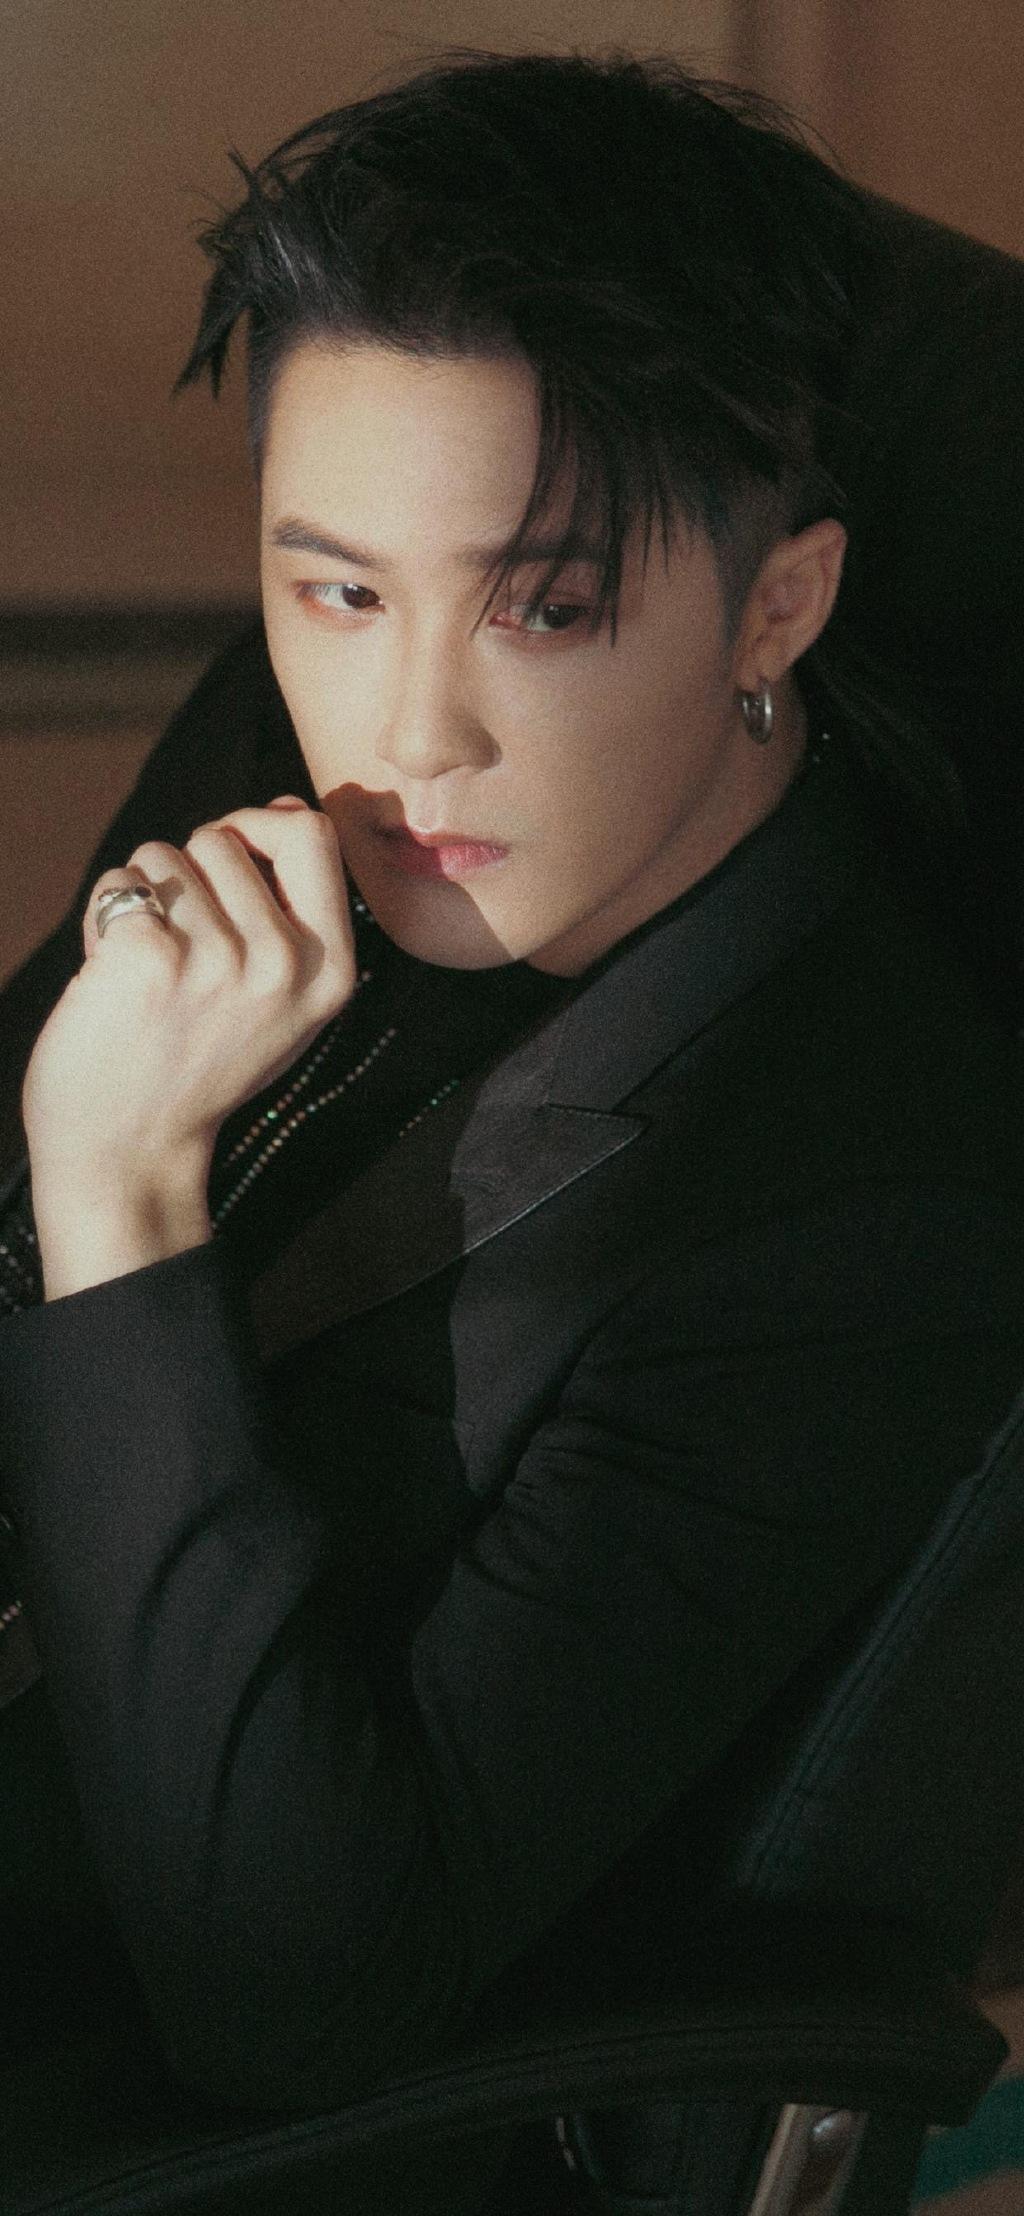 檀健次黑色西装酷帅型男高清手机壁纸